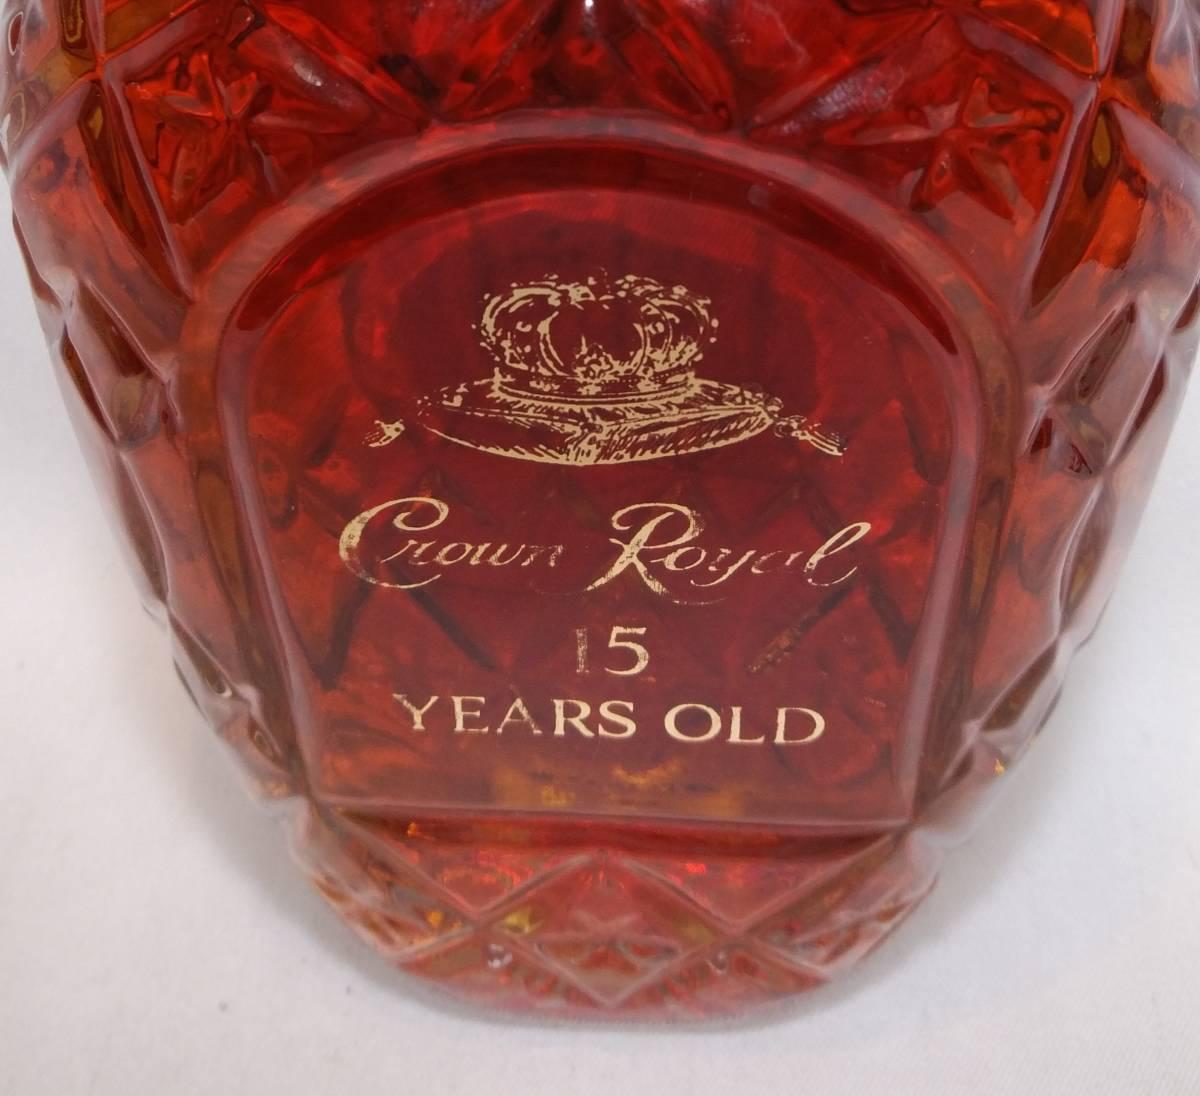 【全国送料無料】Crown Royal 15years old 40度 750ml【クラウンロイヤル15年 クラウンローヤル15年】_画像8